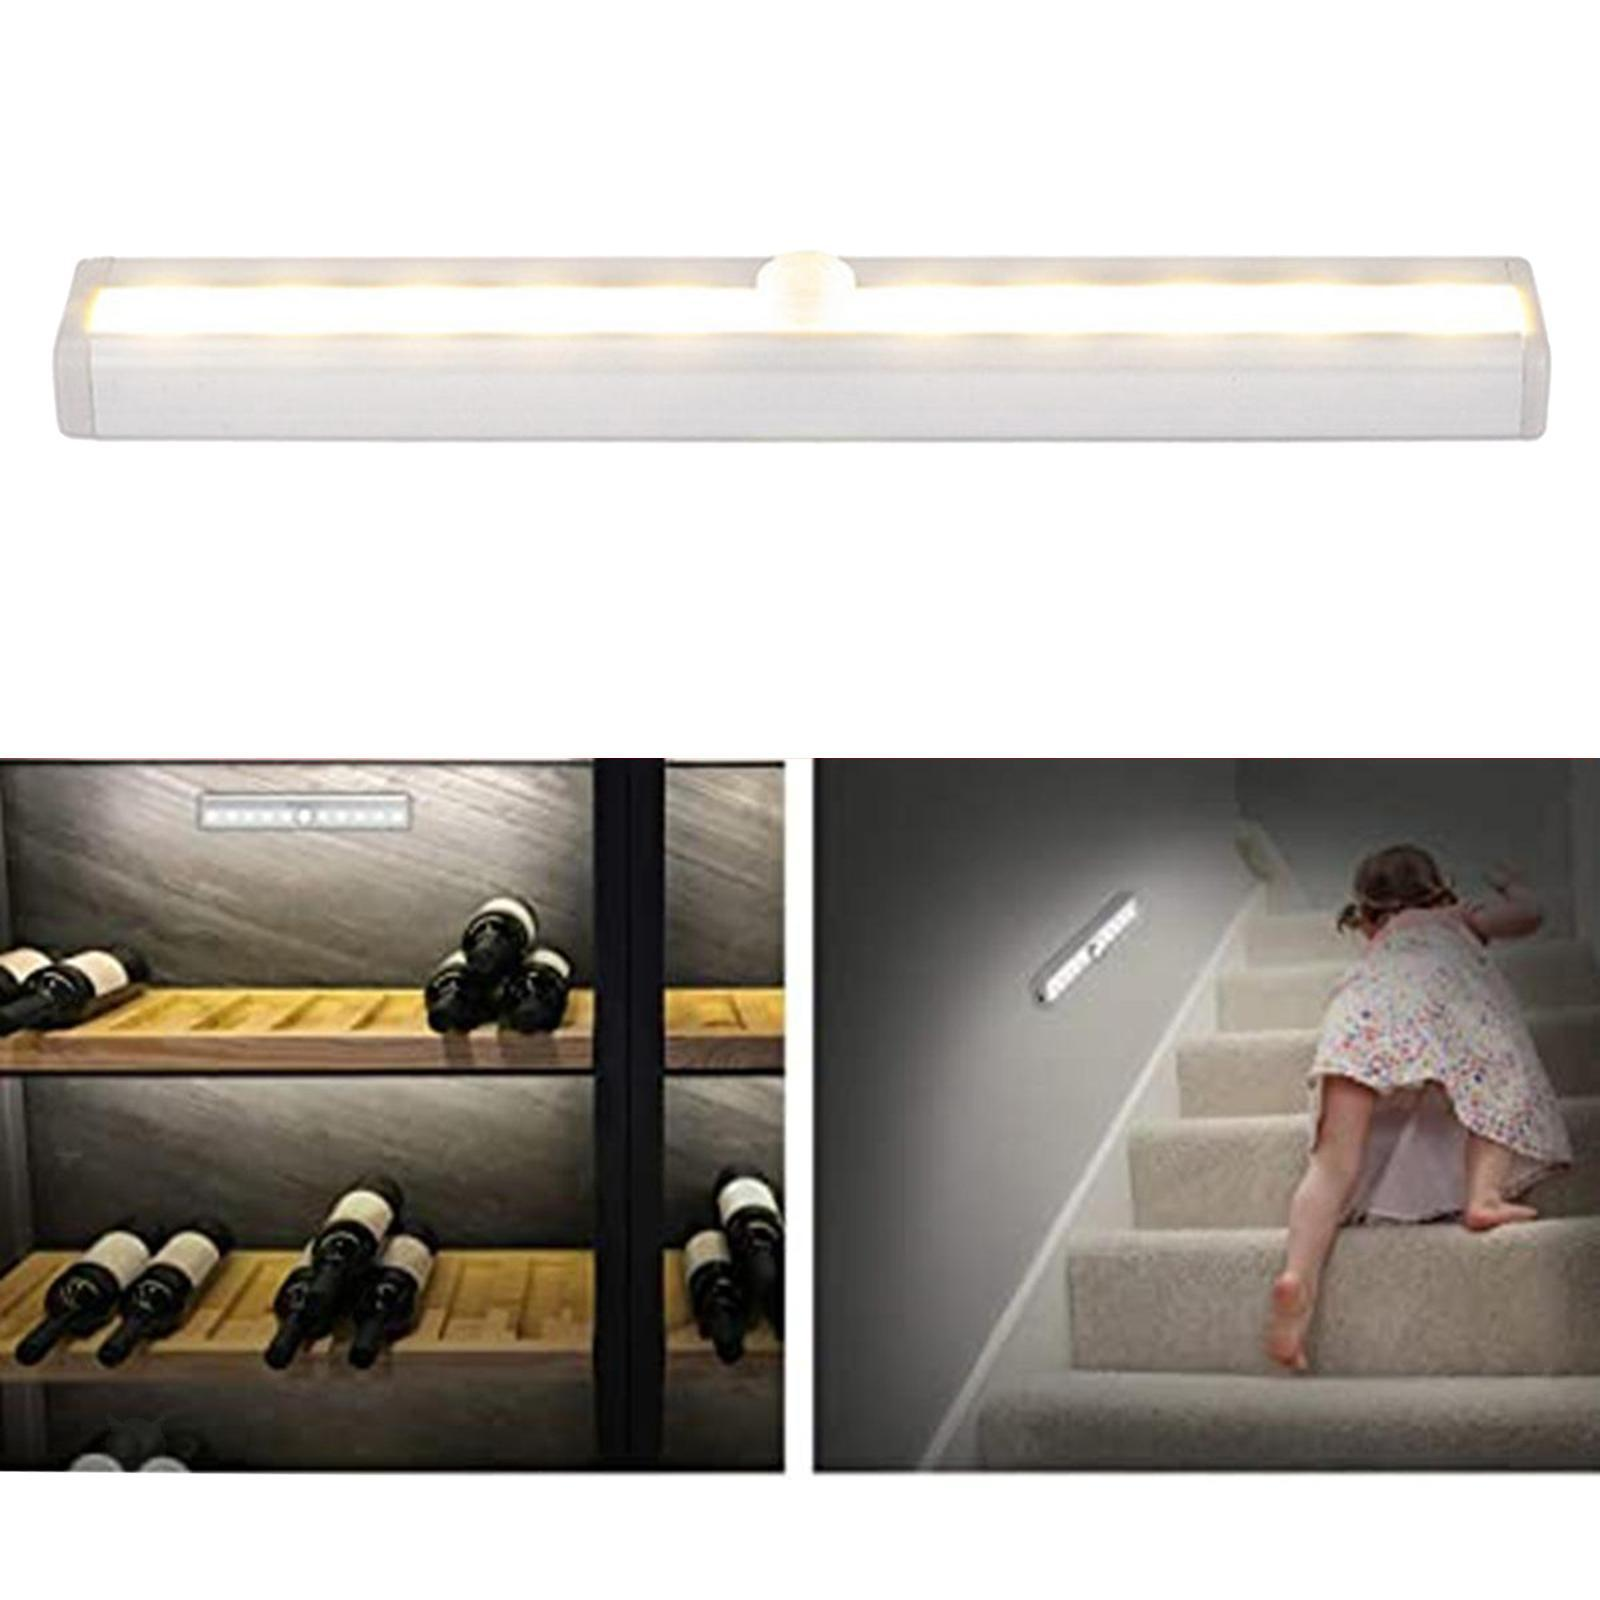 miniatura 22 - Lampada da parete a LED con sensore di movimento camera da letto armadio armadio